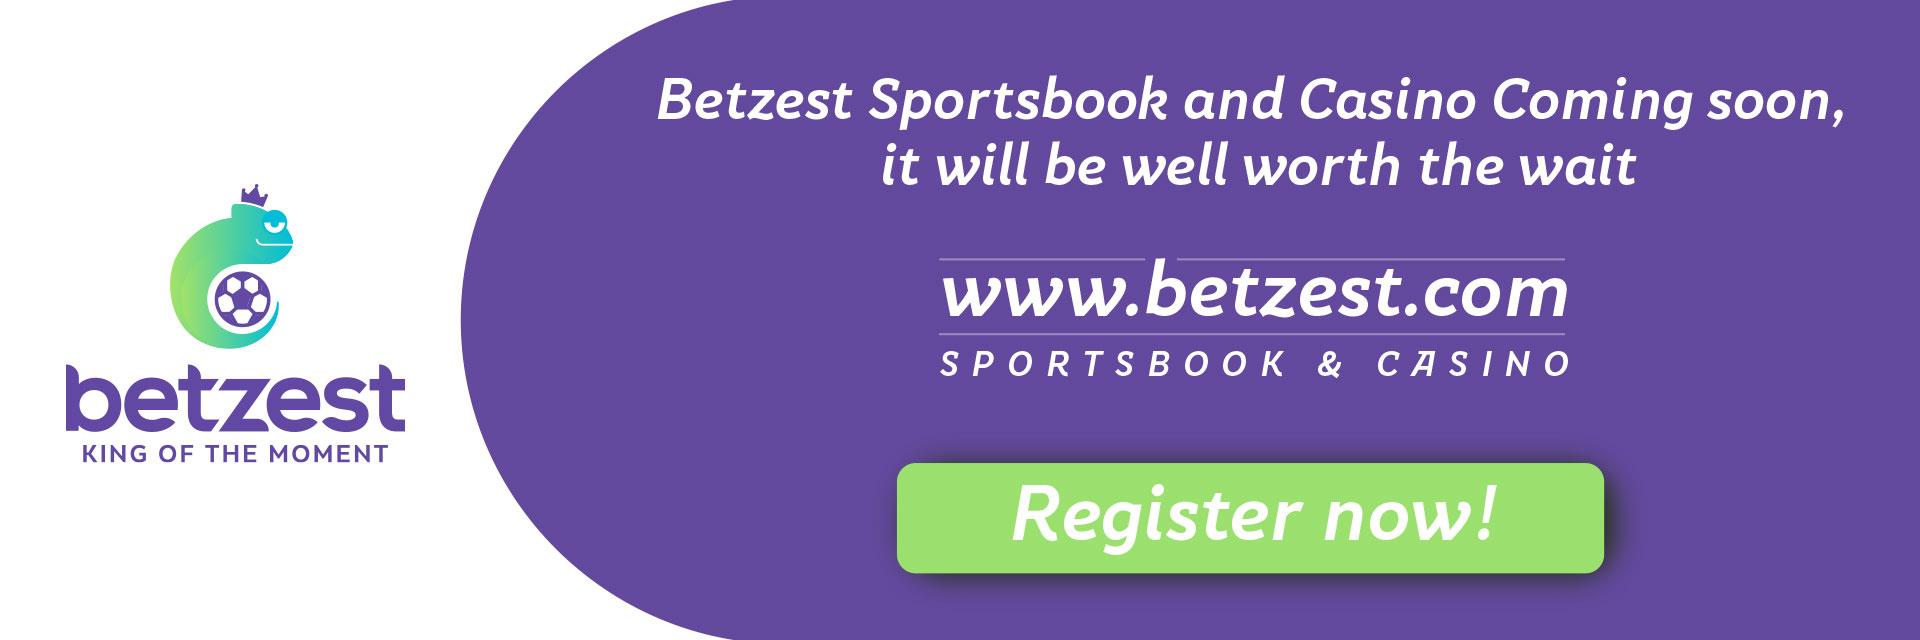 Betzest.com